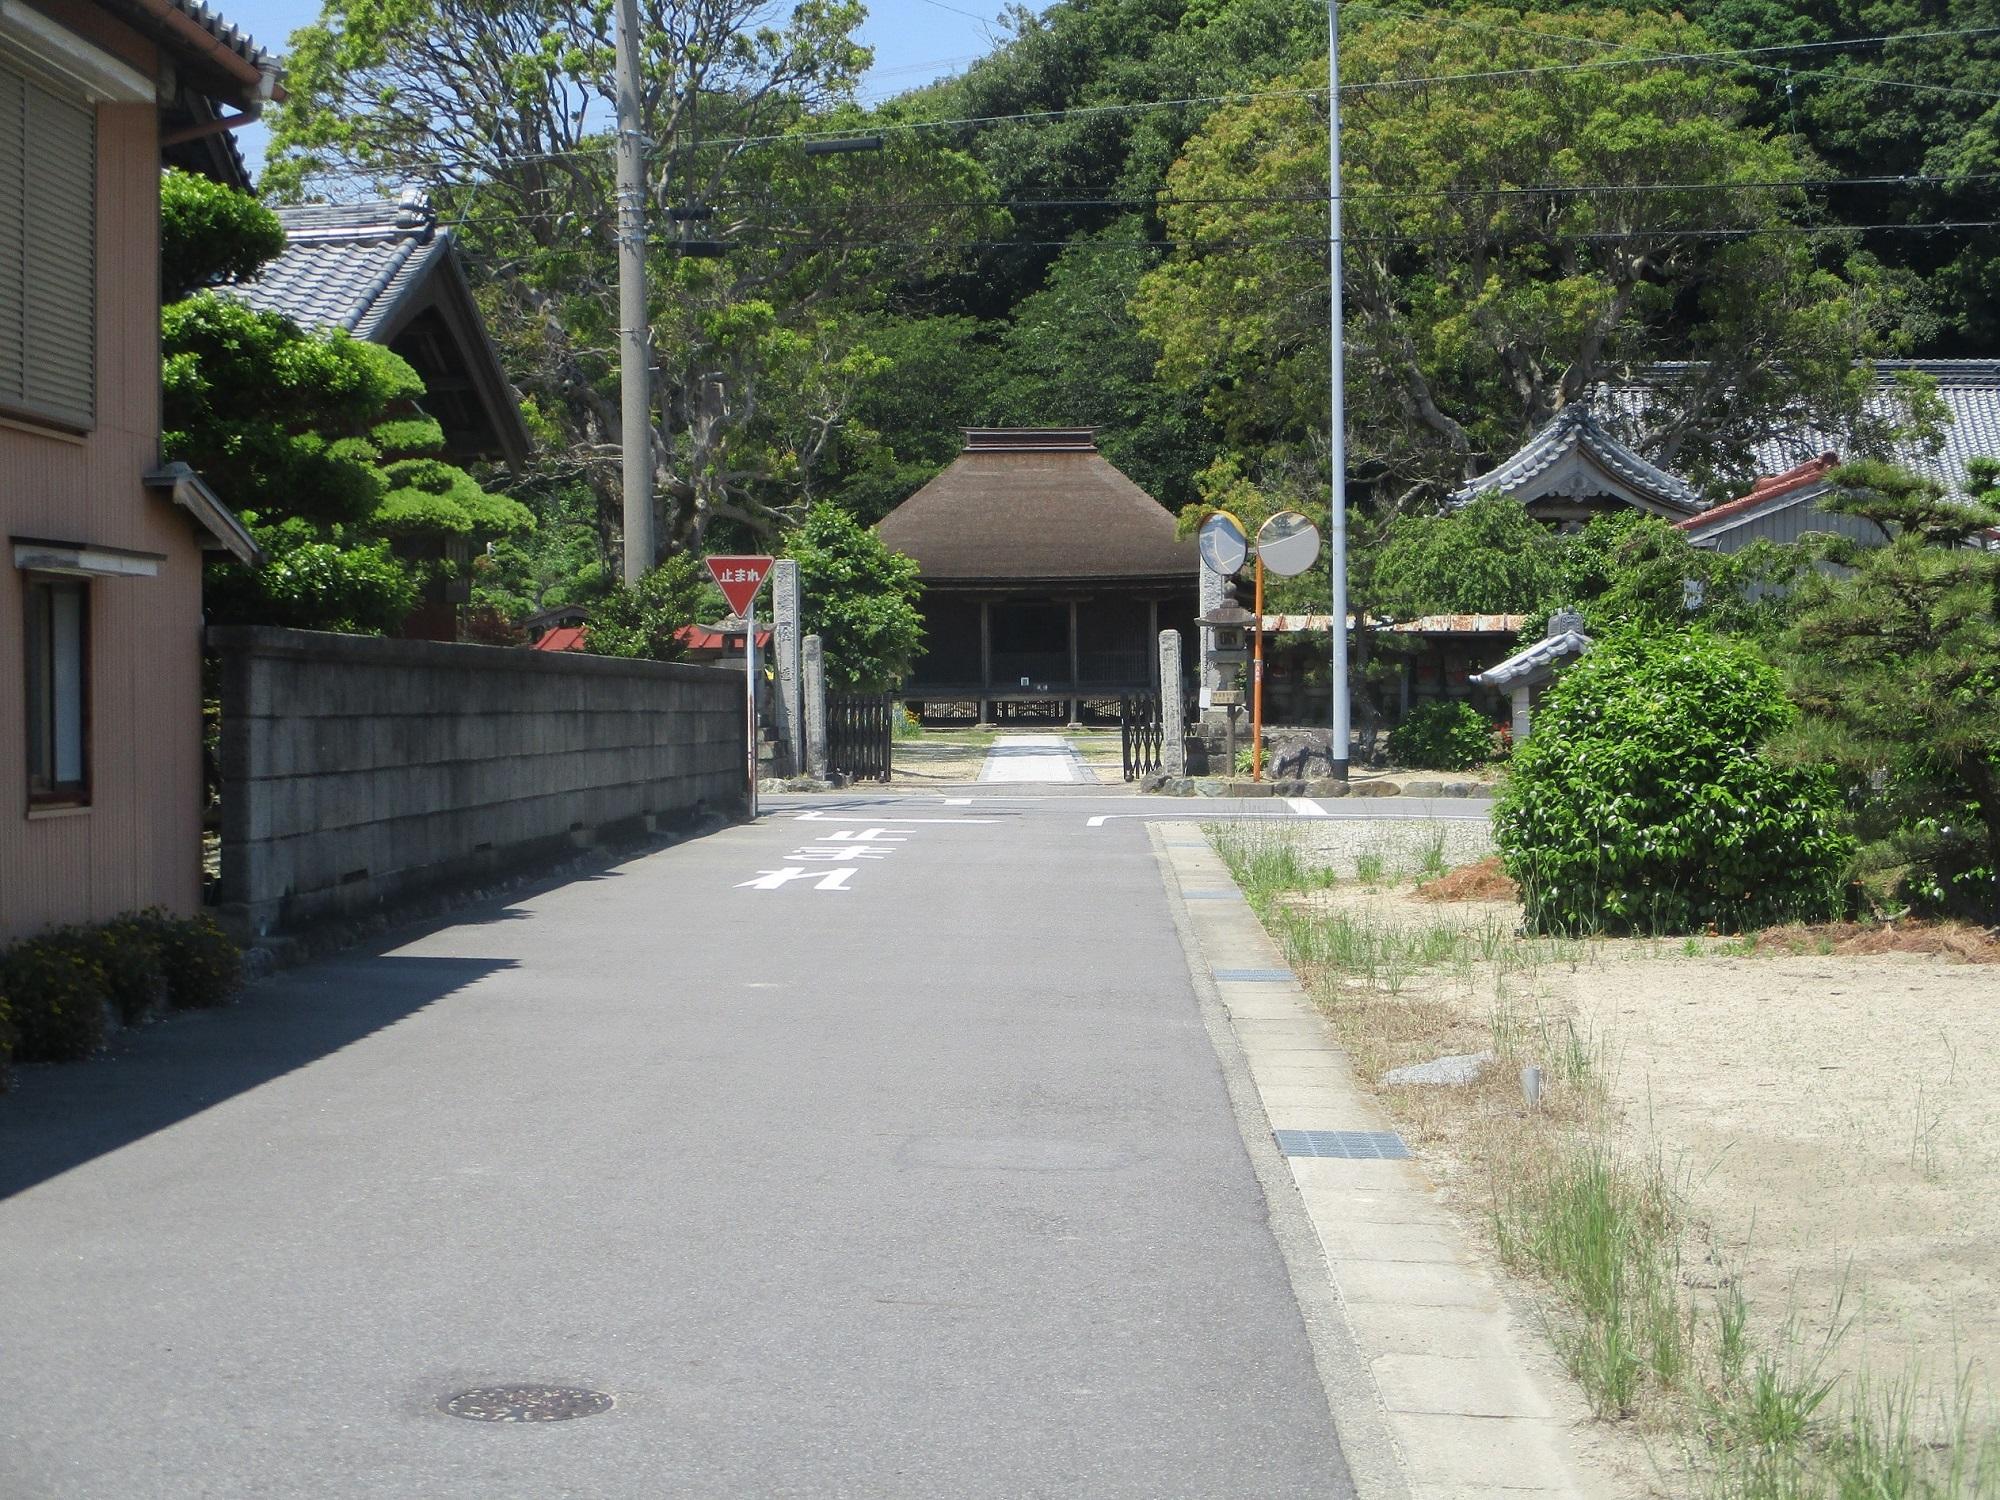 2020.5.29 (14) 金蓮寺弥陀堂 2000-1500